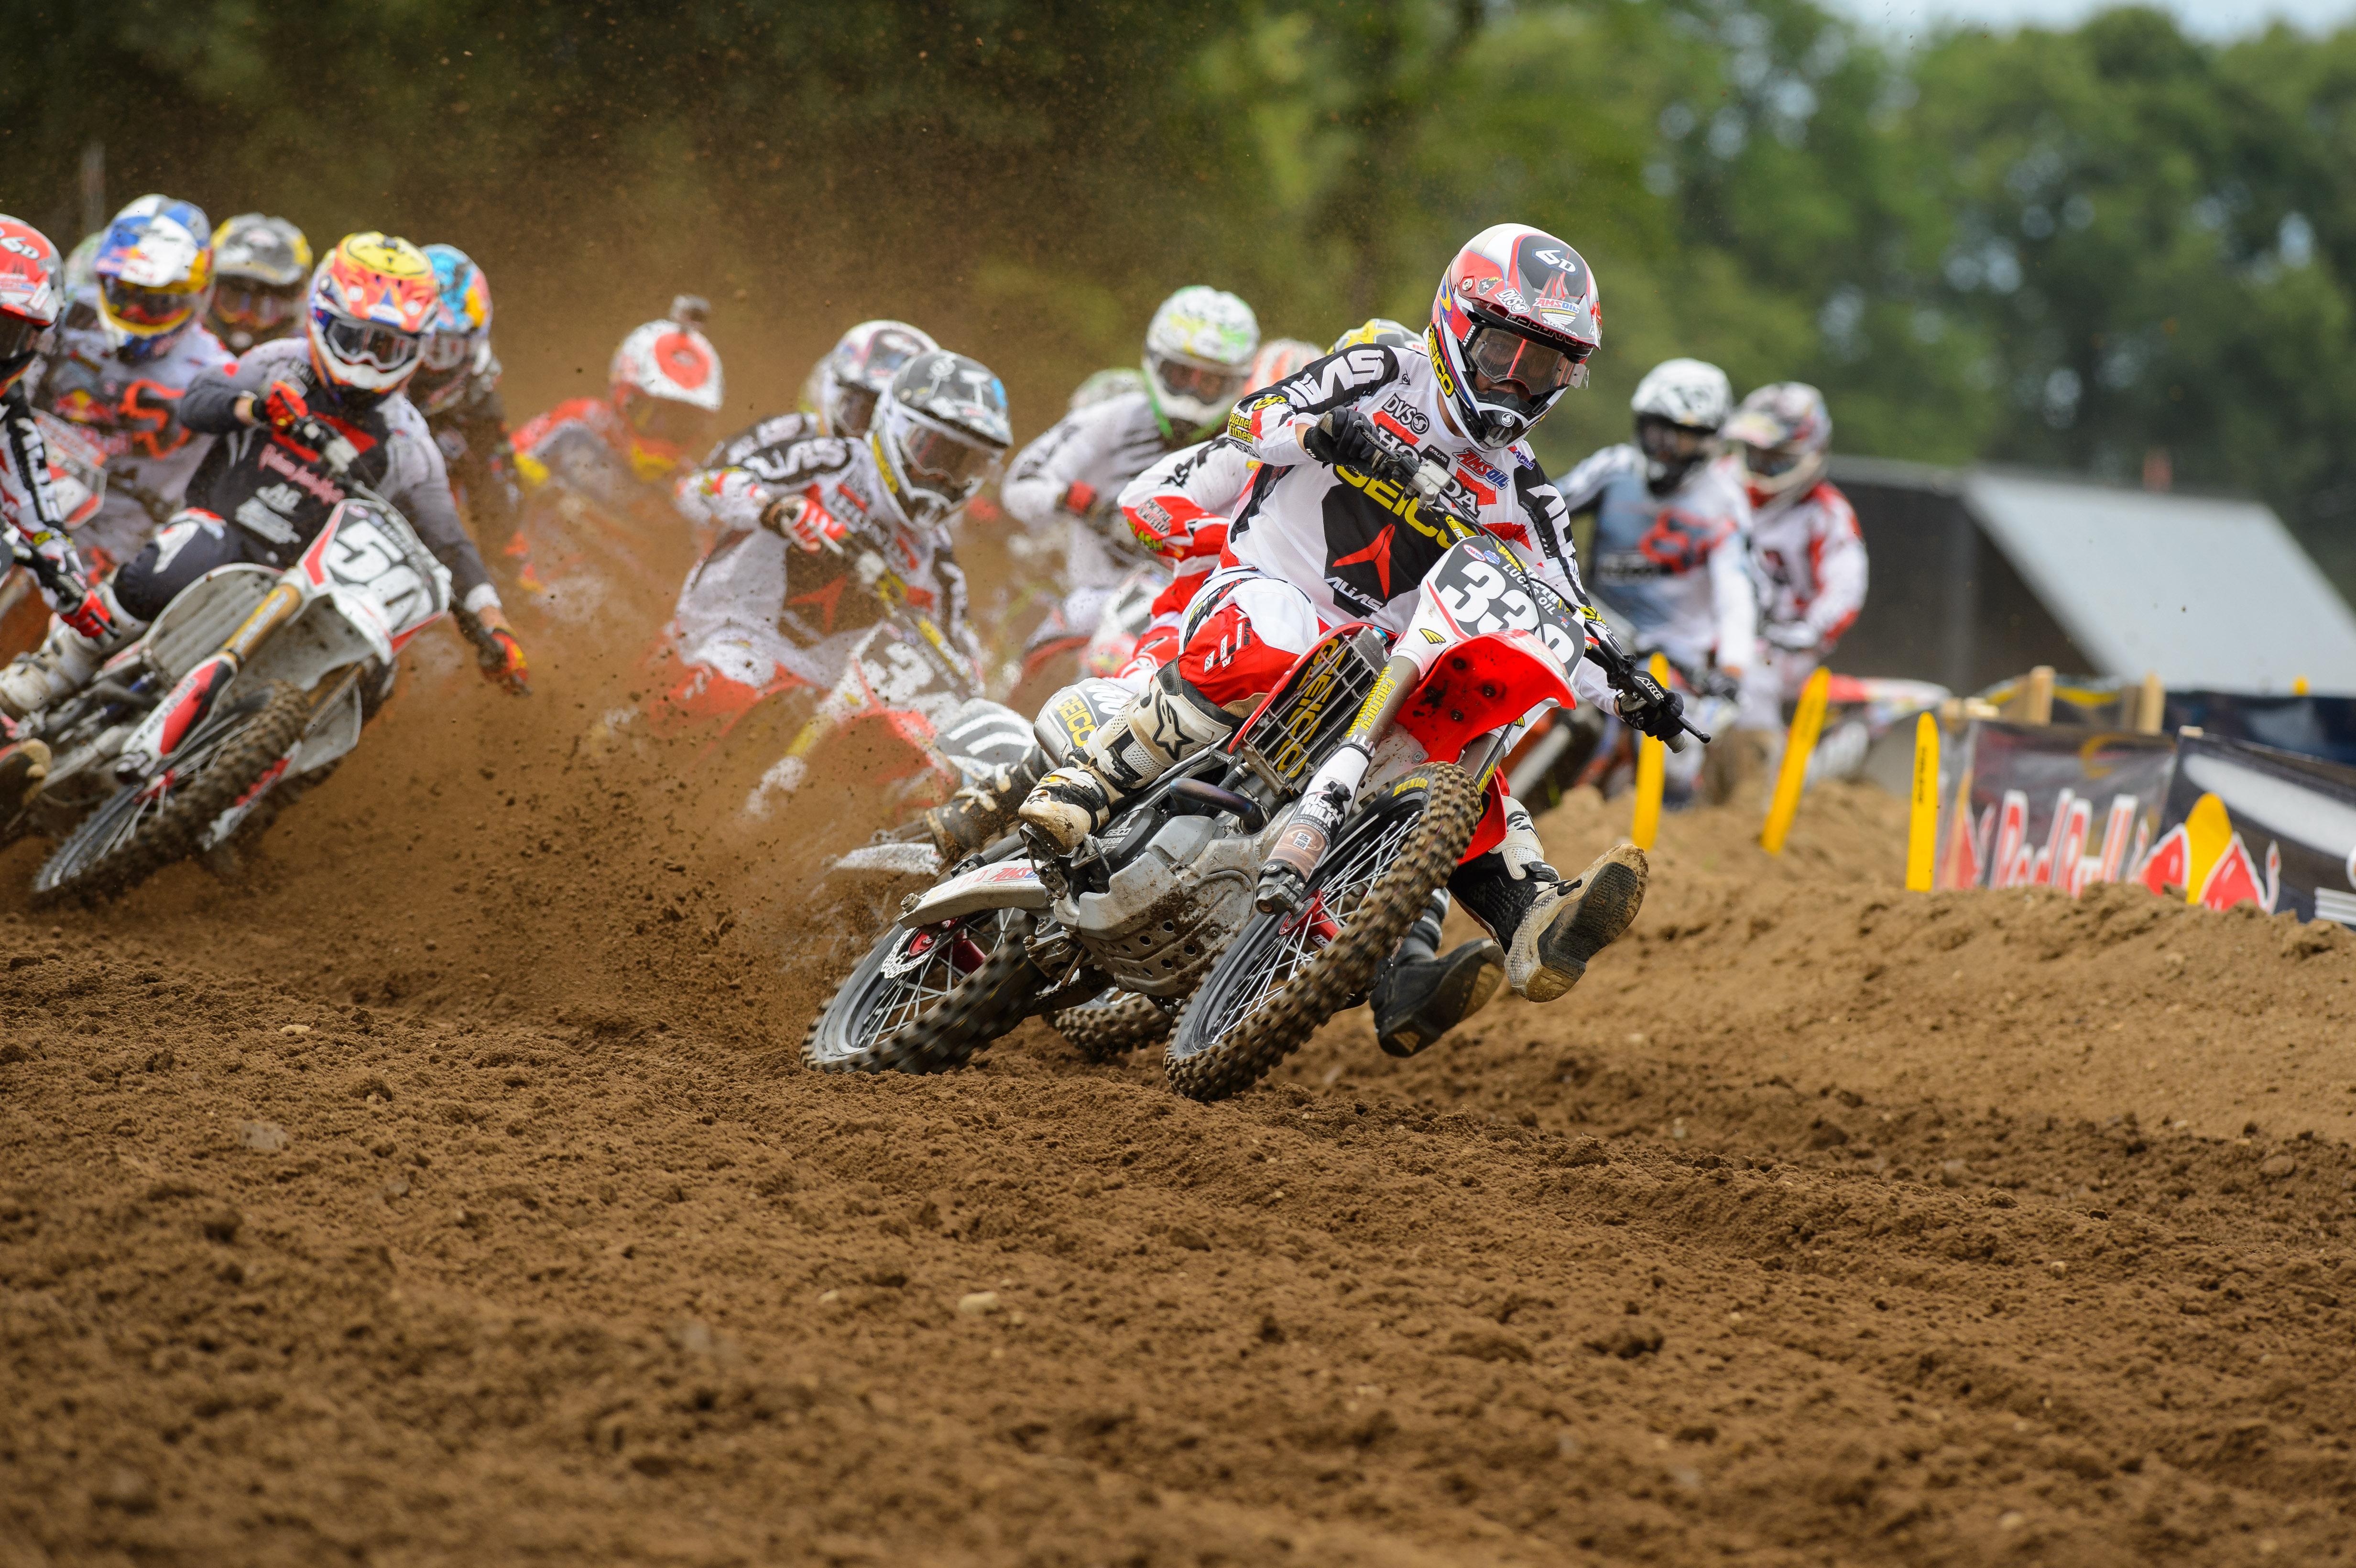 dirtbike moto motocross race racing motorbike honda ga wallpaper